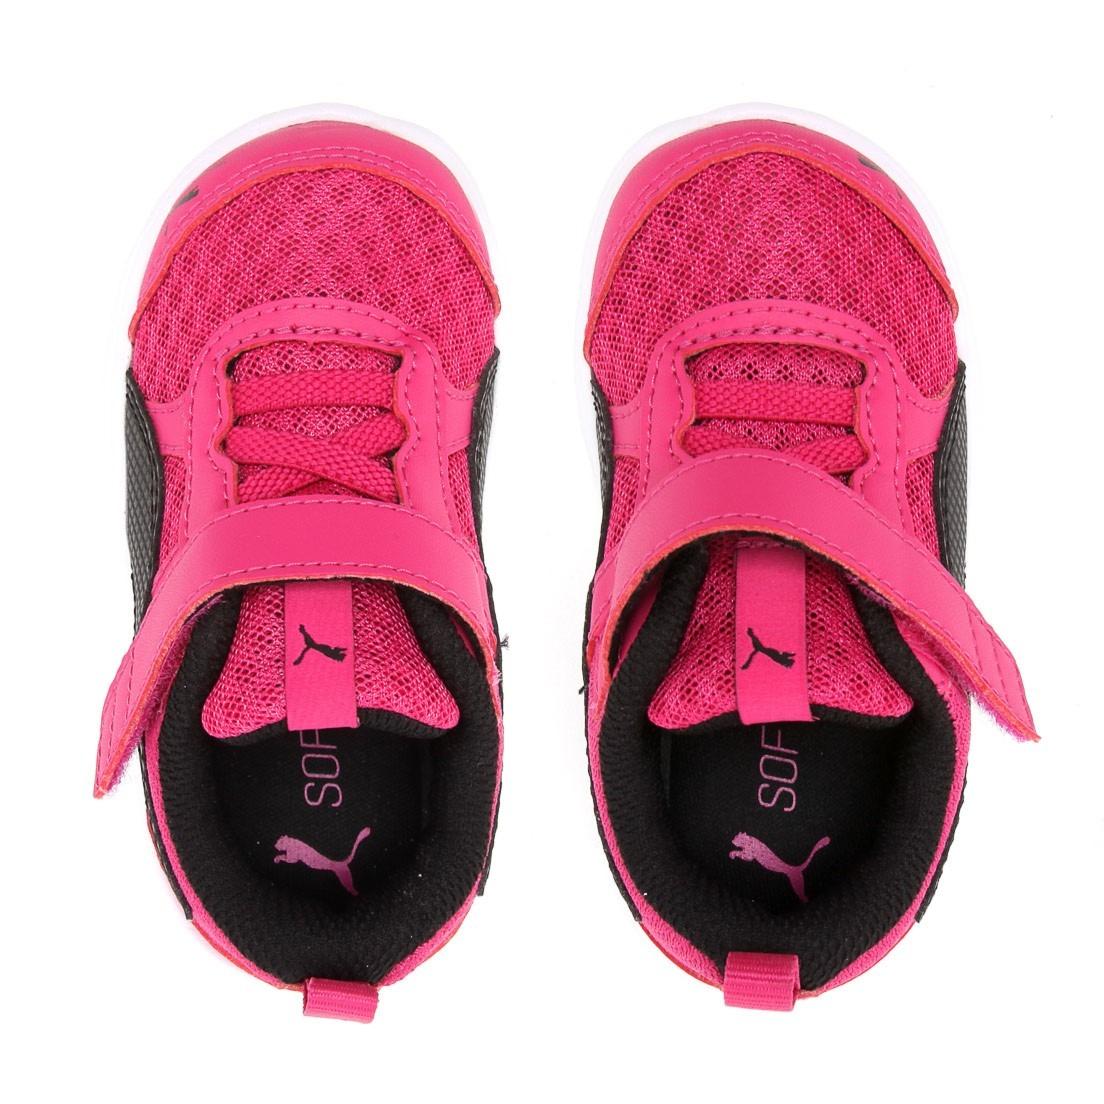 e18c6e33302 tênis puma flex essential rosa preto feminino infantil. Carregando zoom.